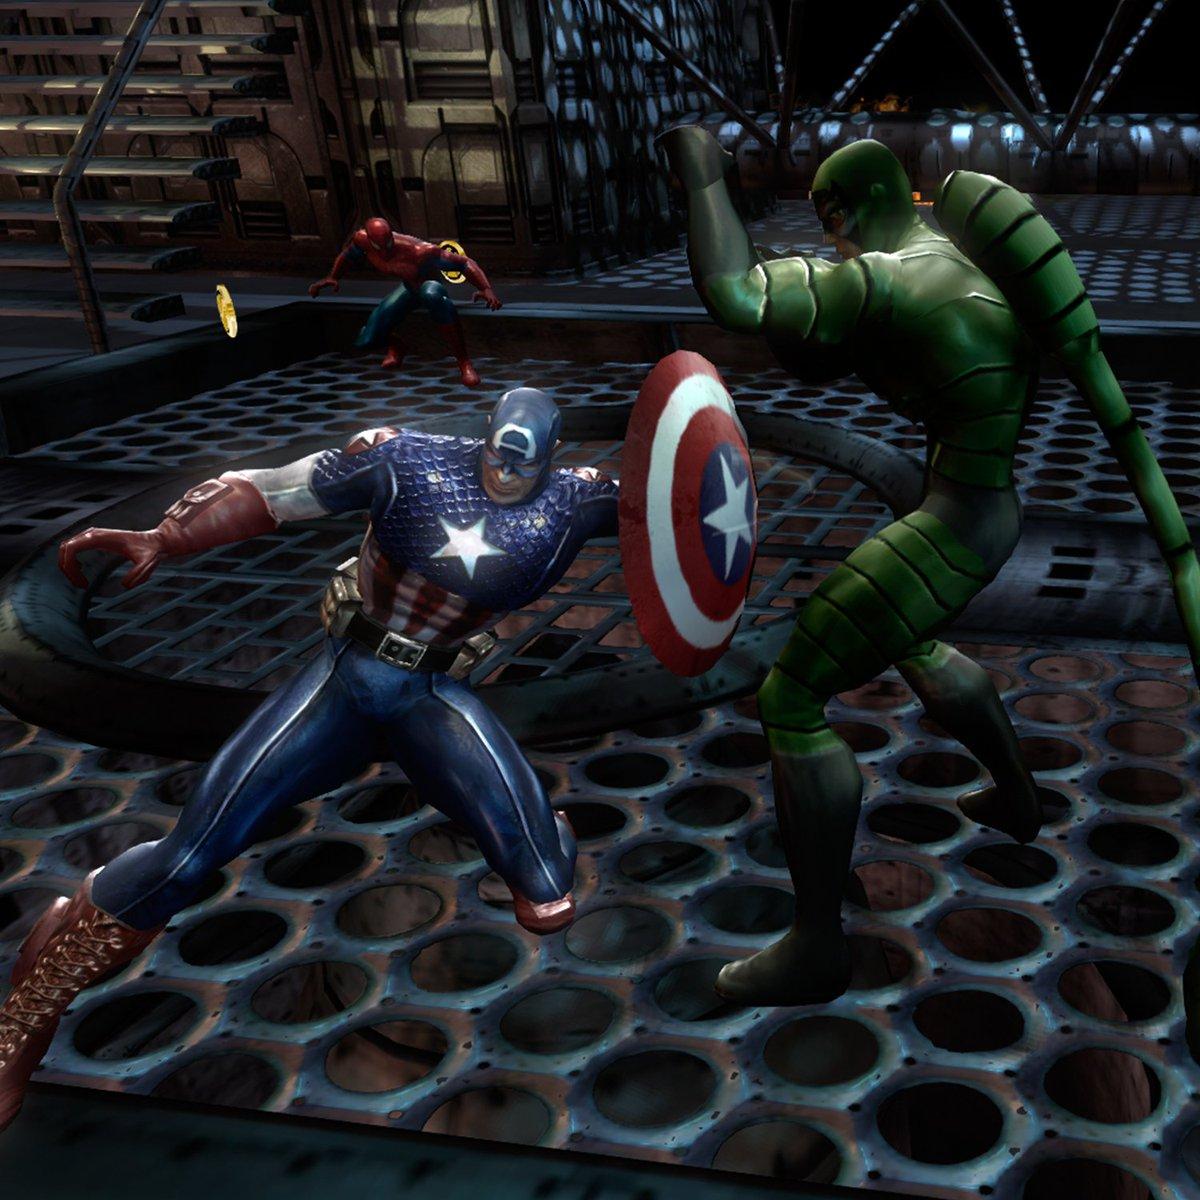 Marvel Games on Twitter: